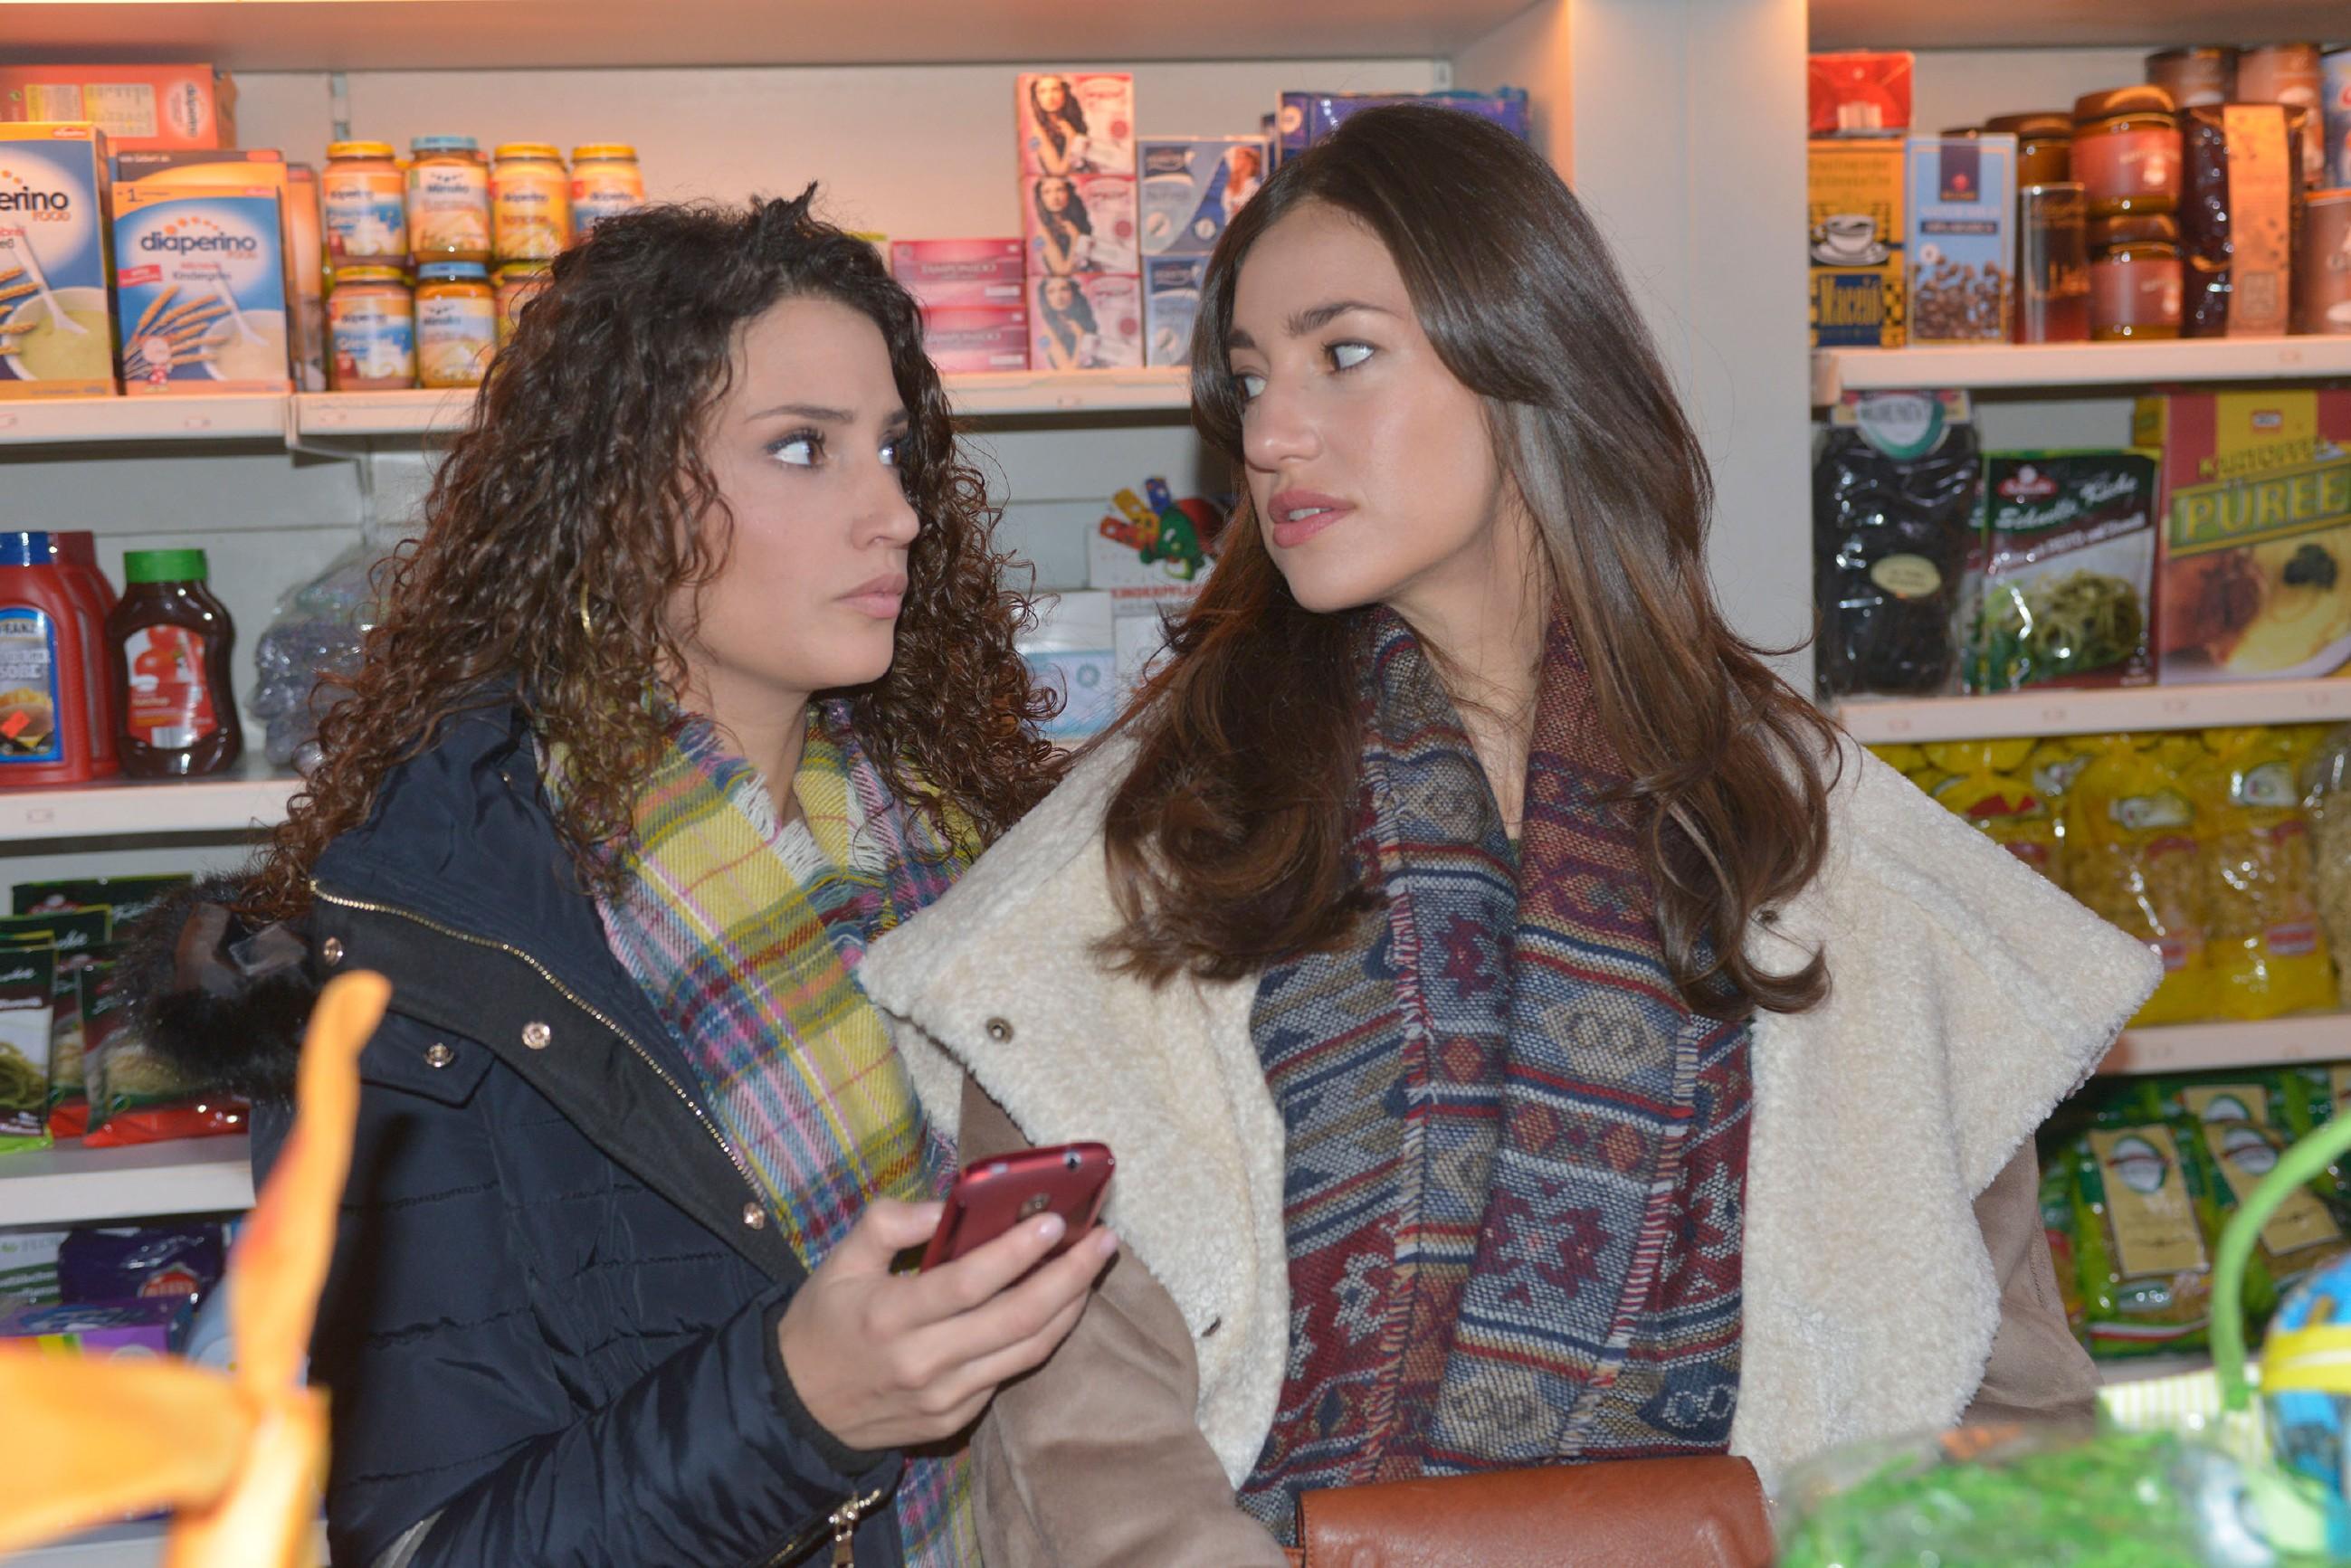 Ayla (Nadine Menz, l.) erzählt Elena (Elena Garcia Gerlach) von ihrem Verdacht bezüglich ihres Chatpartners. (Quelle: RTL / Rolf Baumgartner)